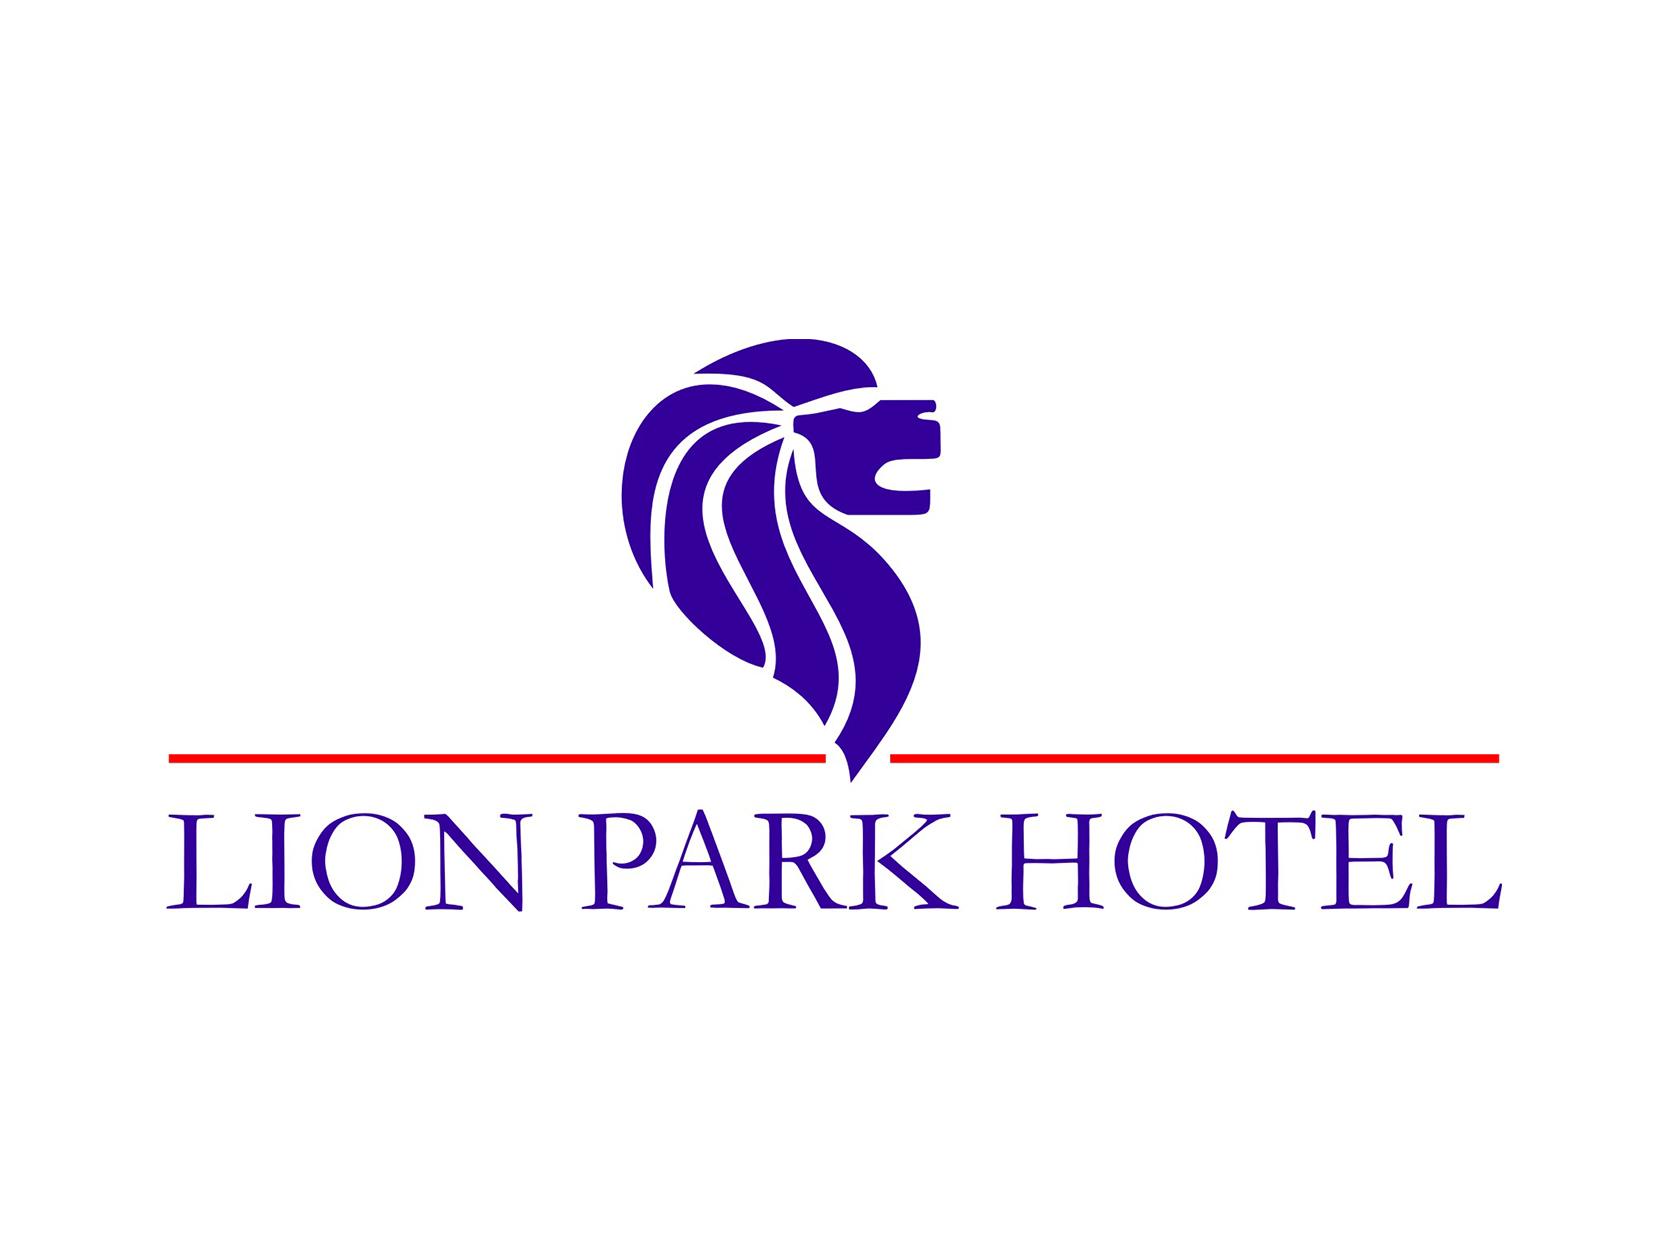 Lion Park Hotel